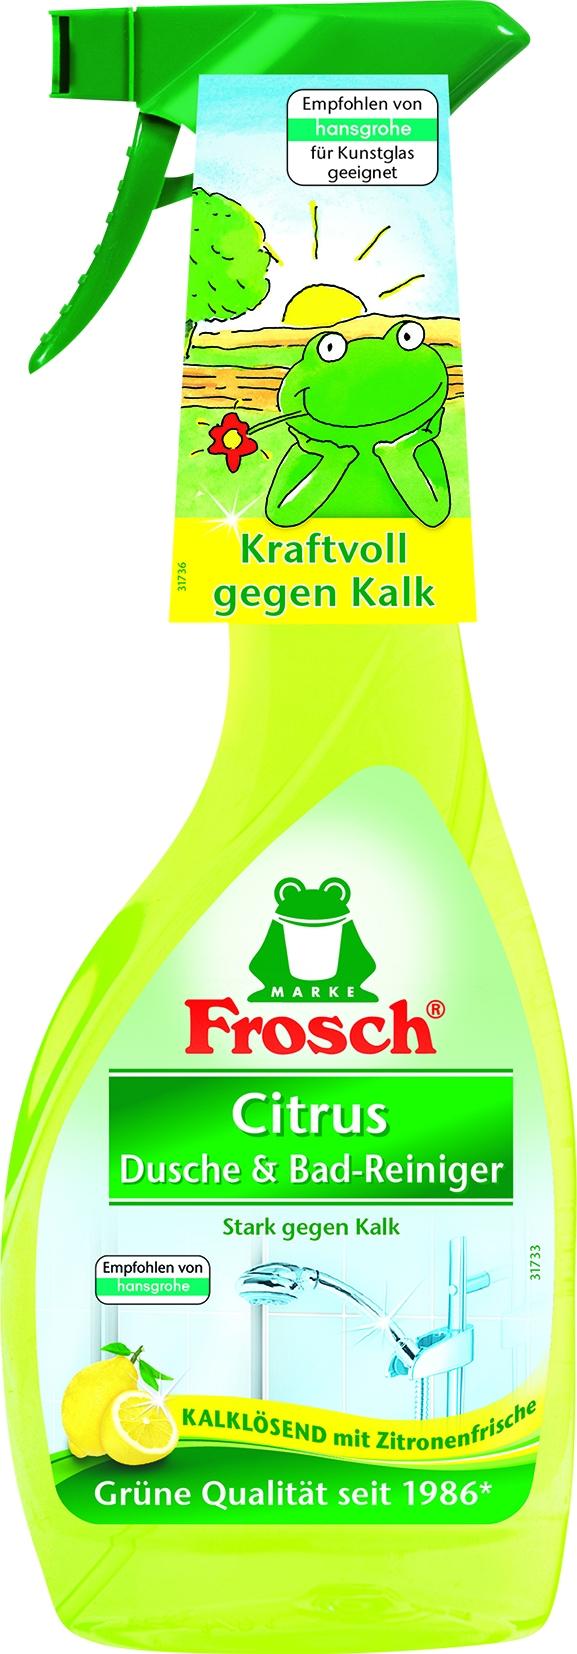 Dusche&Bad Reiniger Citrus